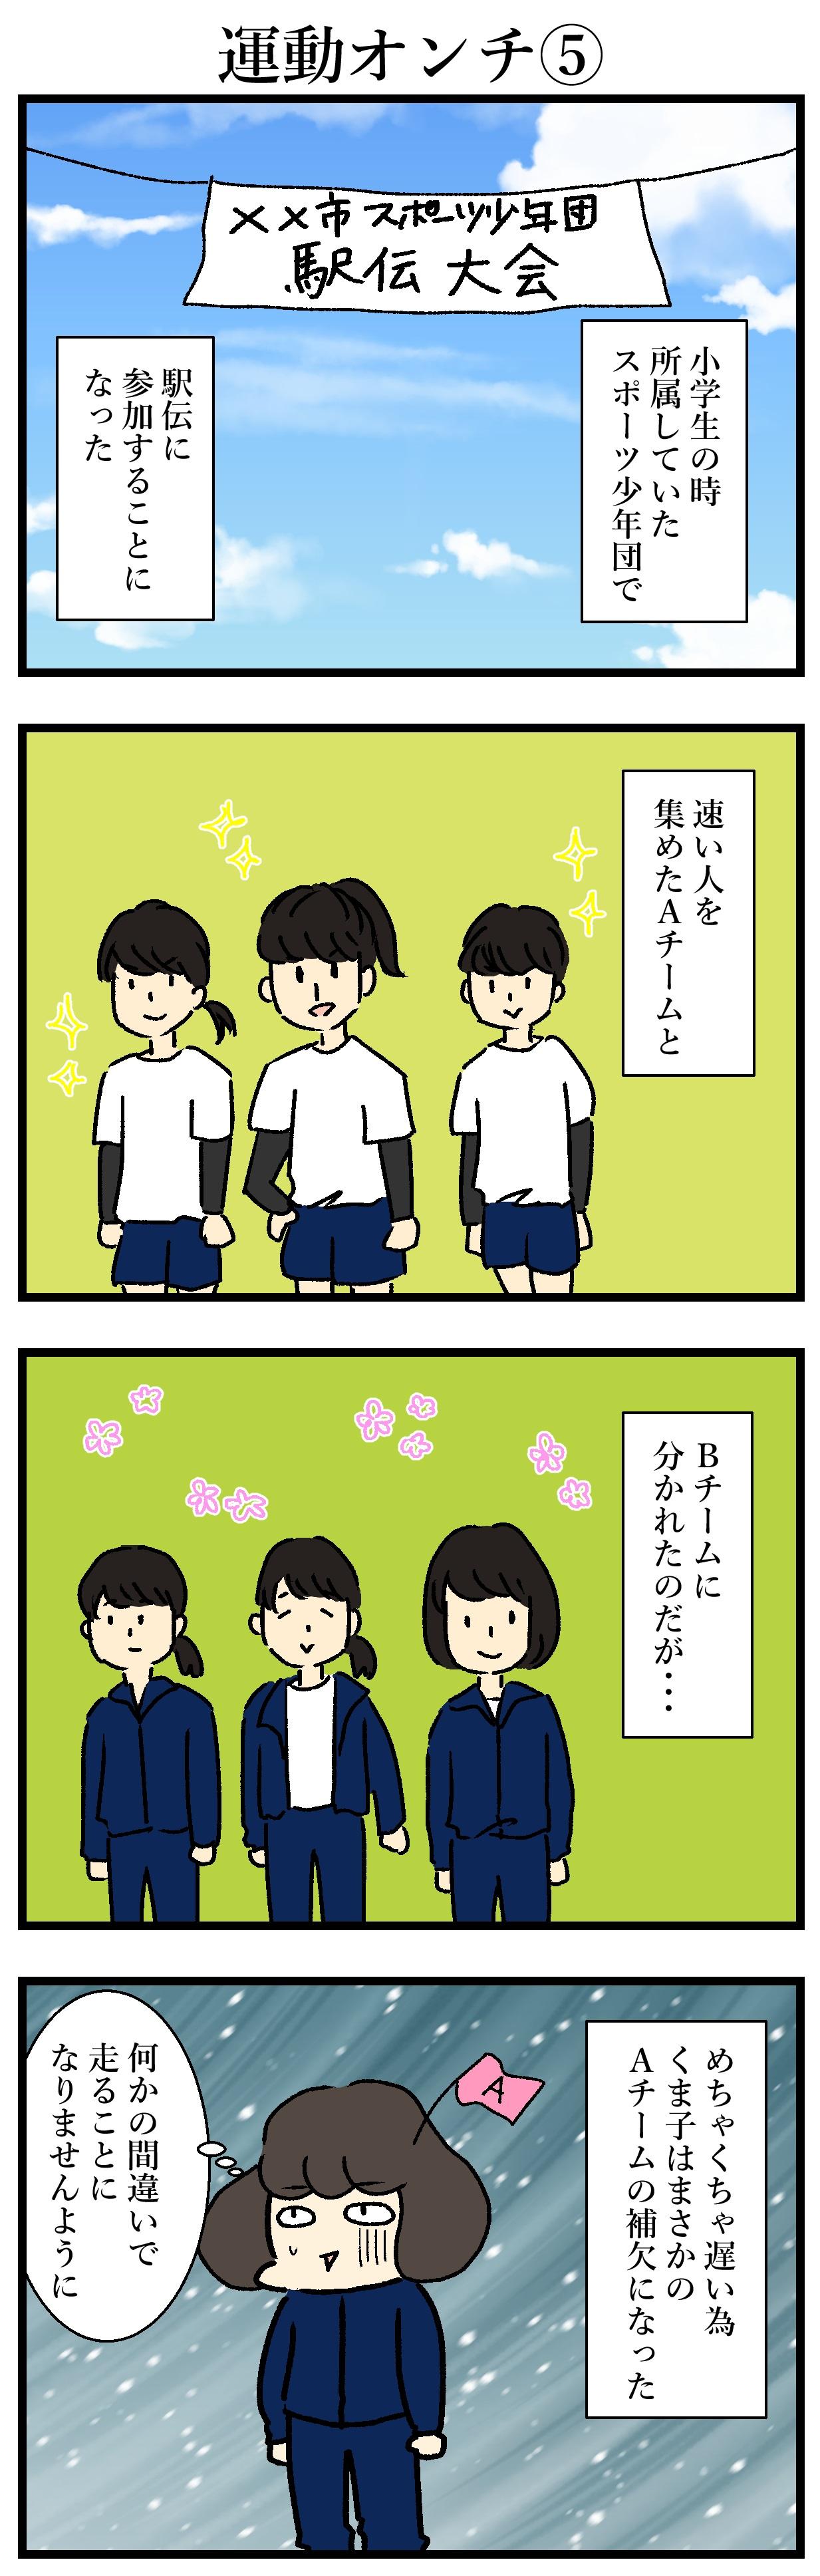 【エッセイ漫画】アラサー主婦くま子のふがいない日常(89)